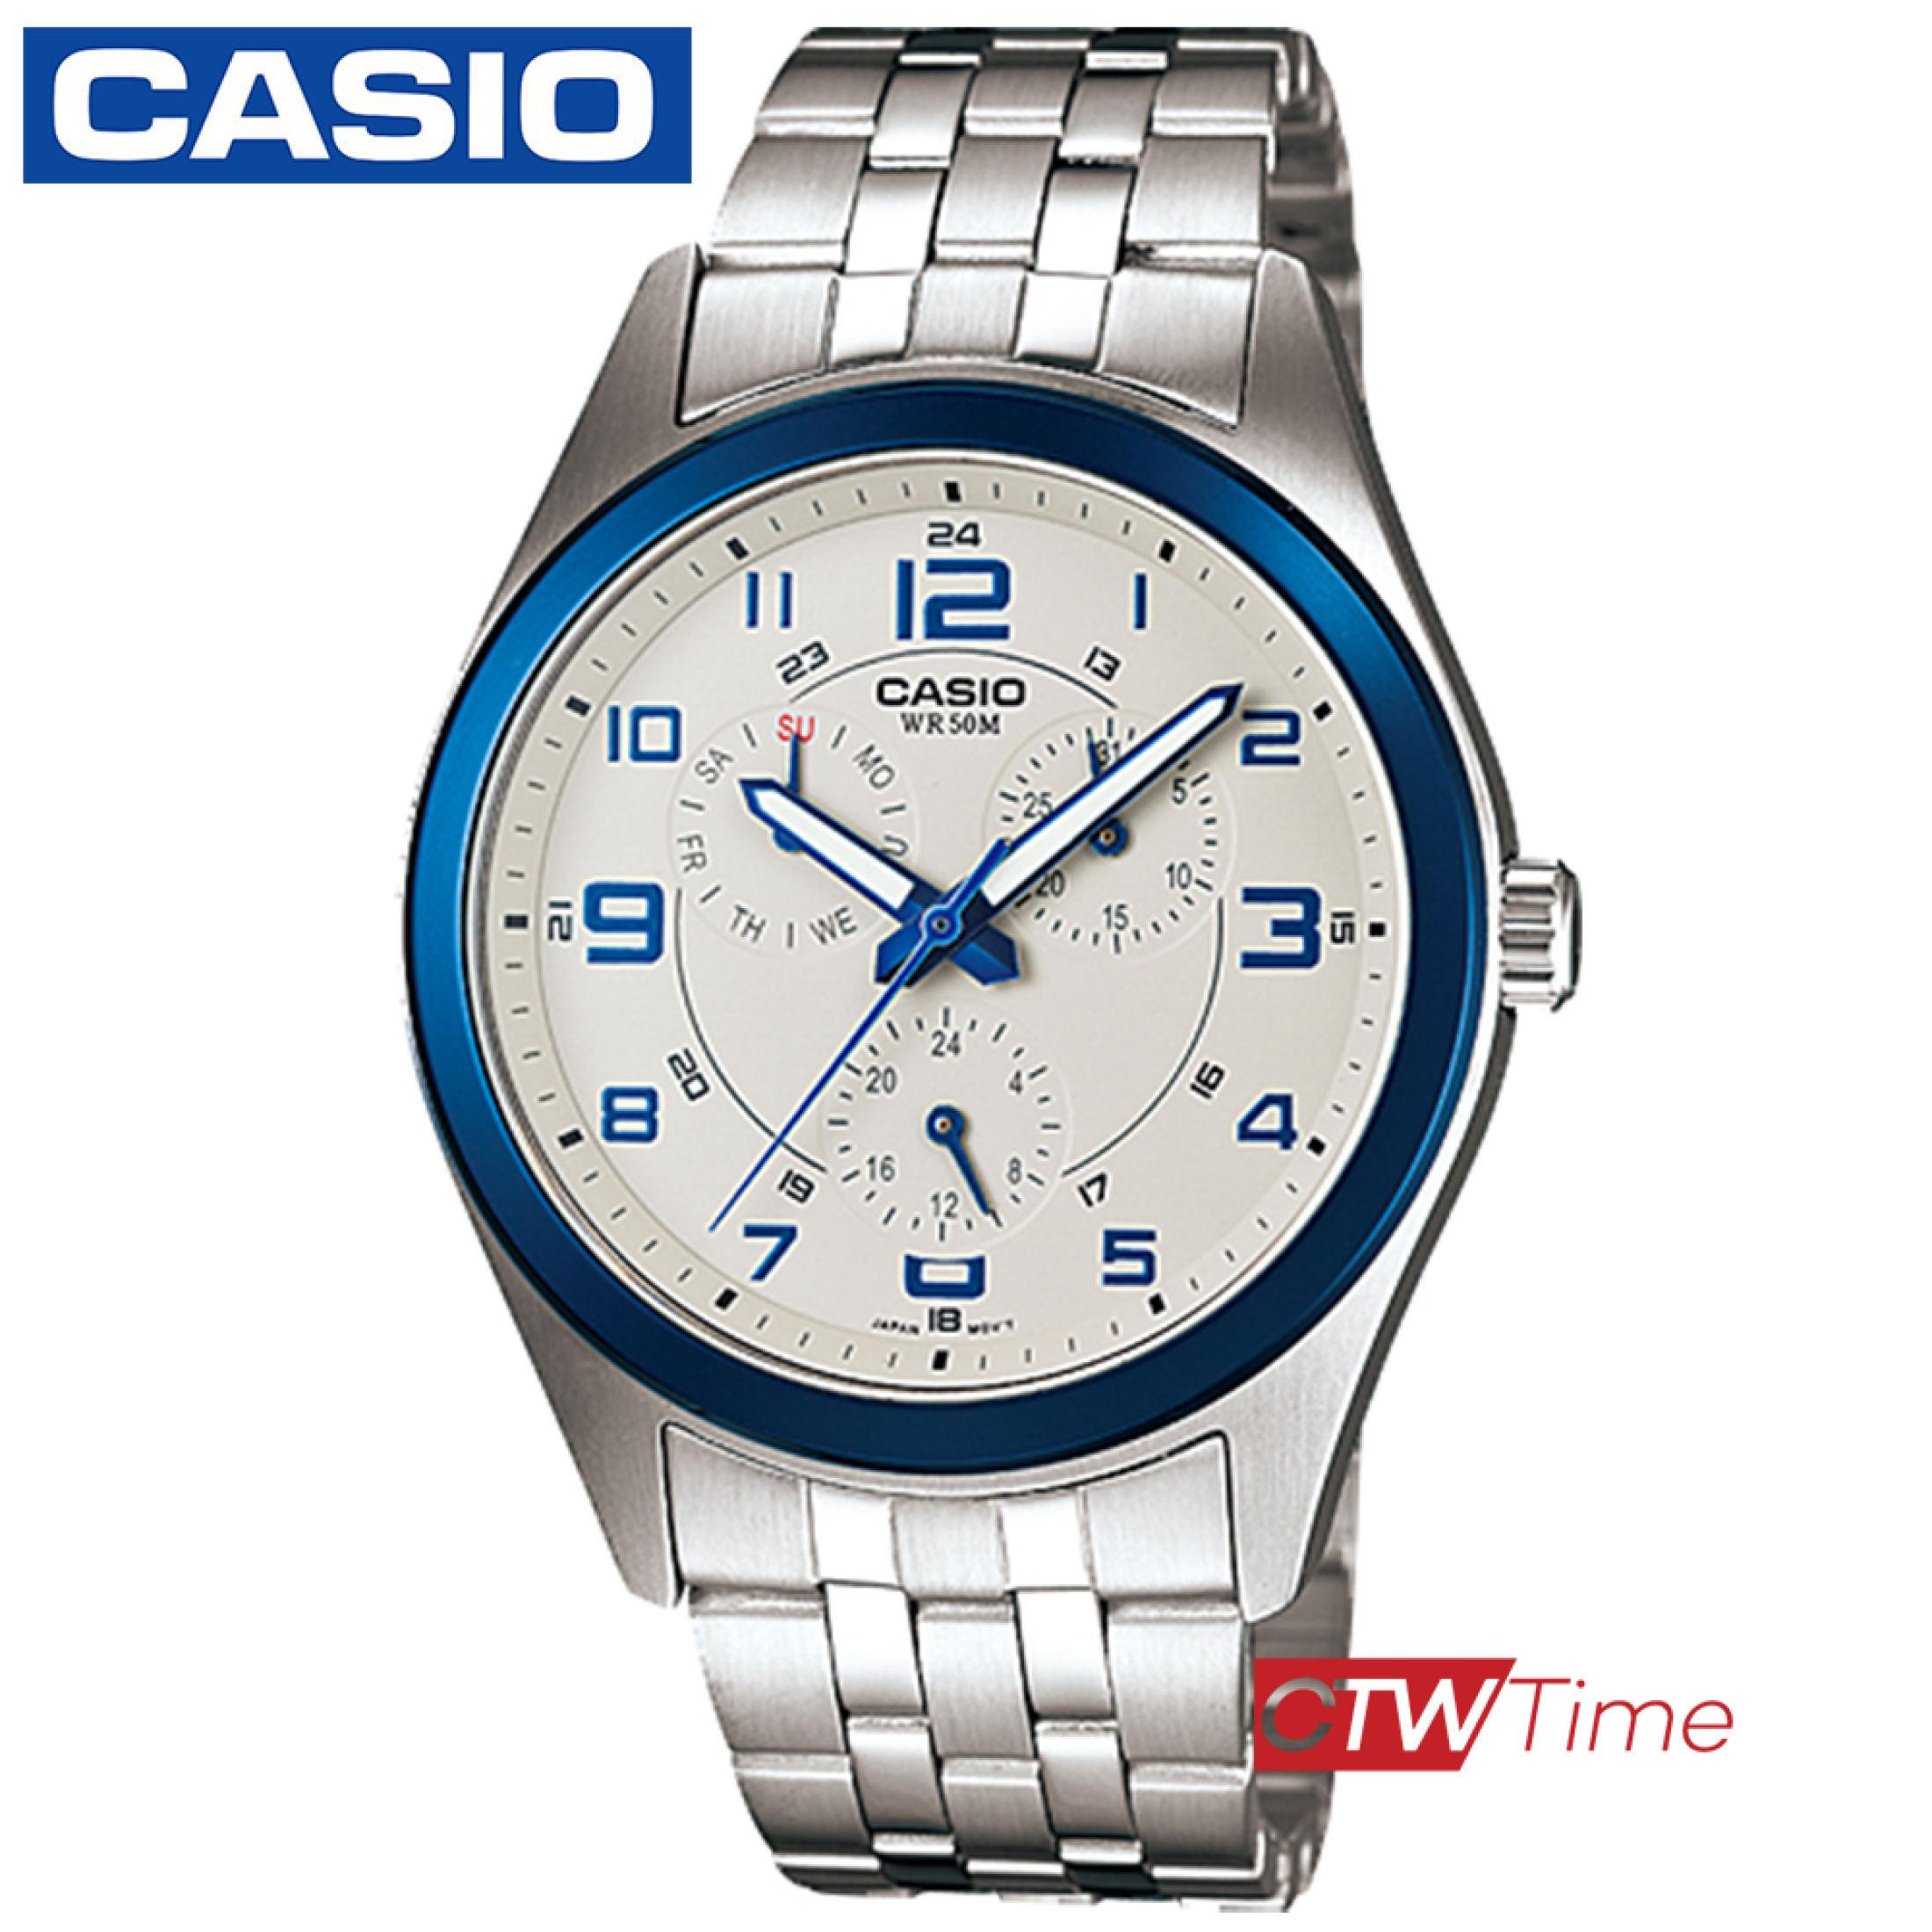 ส่งฟรี !! Casio Standard นาฬิกาข้อมือผู้ชาย สายสแตนเลส รุ่น MTP-1352D-8B1VDF (หน้าขาว) YEdg